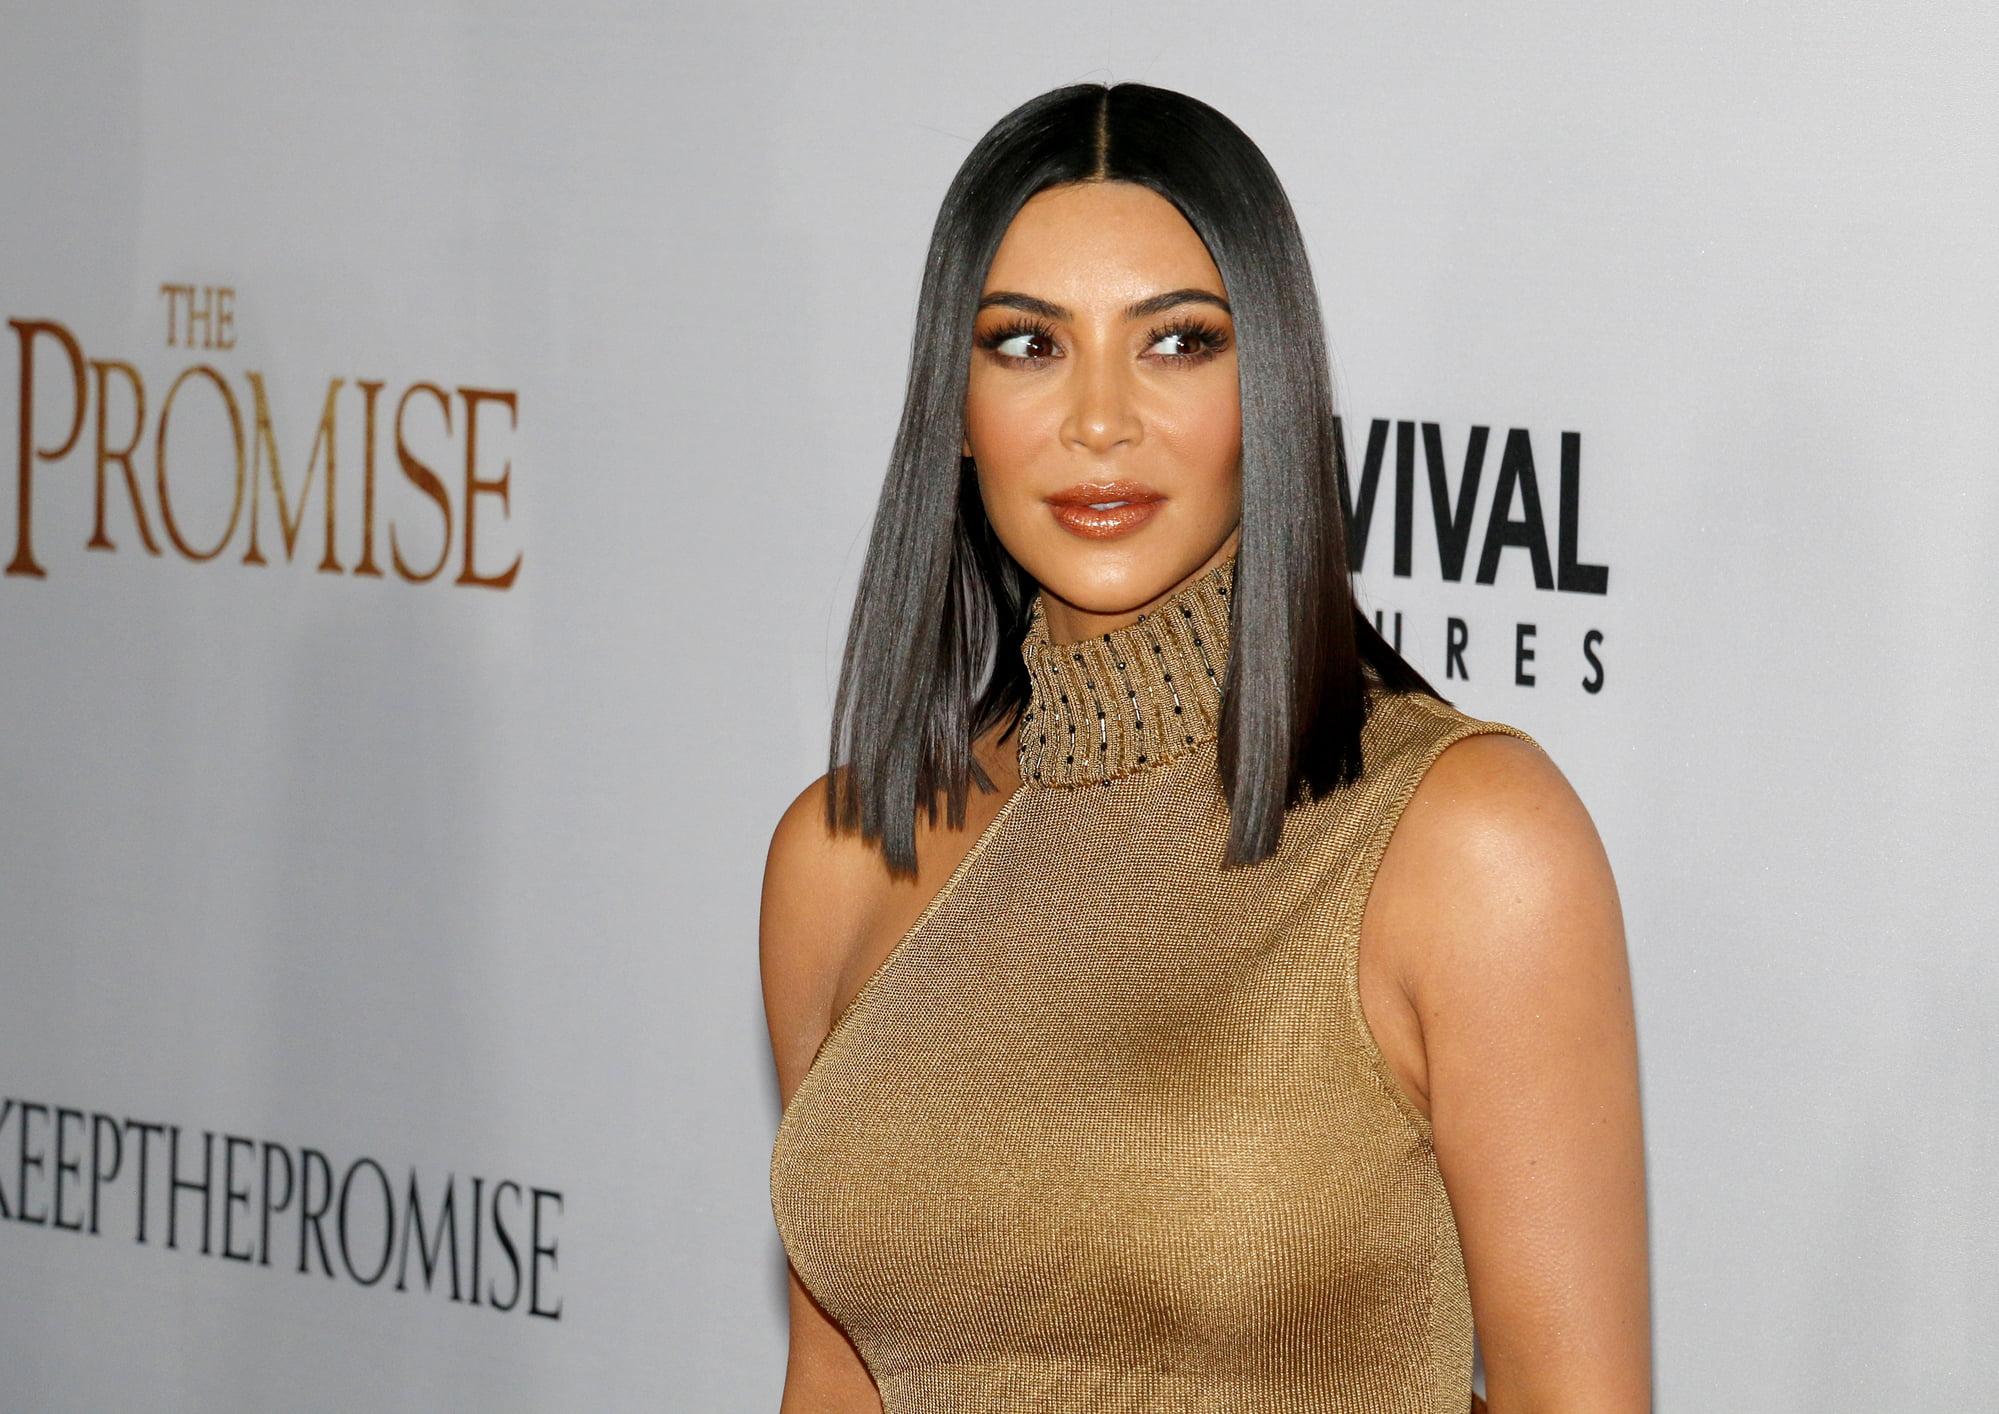 Khloe Kardashian Responds to Kanye West Birthday Backlash